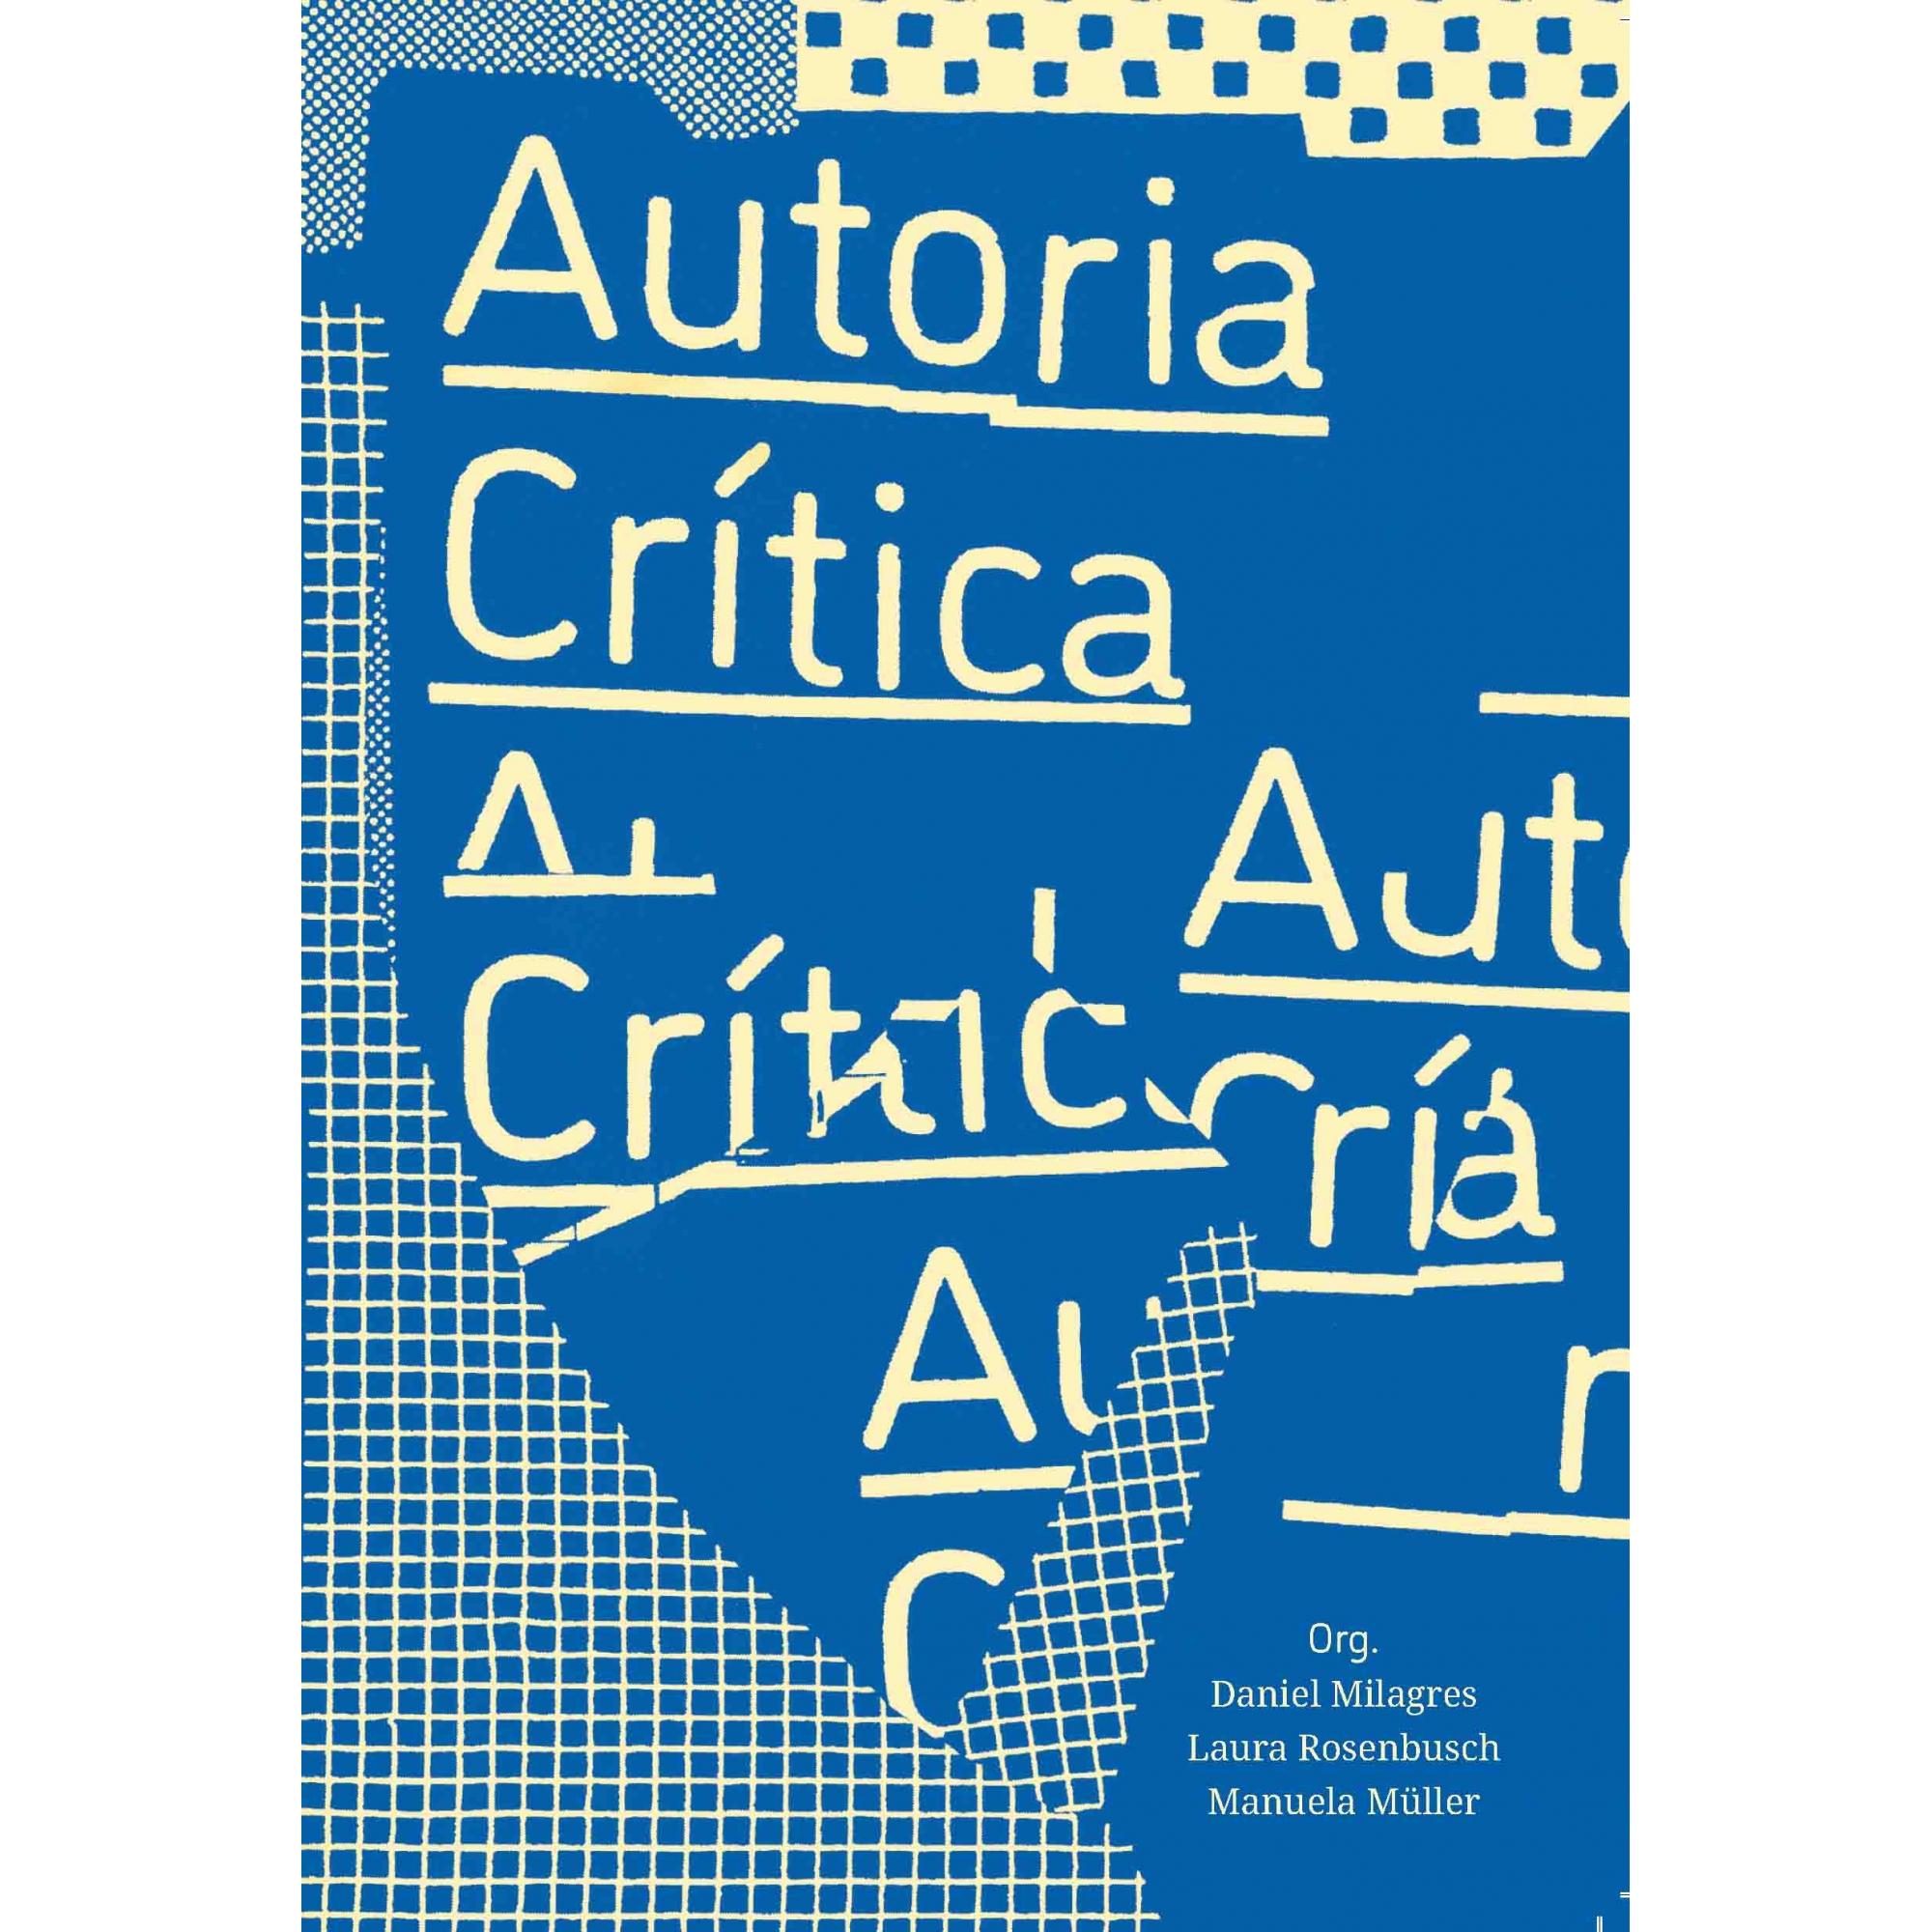 Autoria Crítica: conversas sobre a posição do autor no campo ampliado da arquitetura